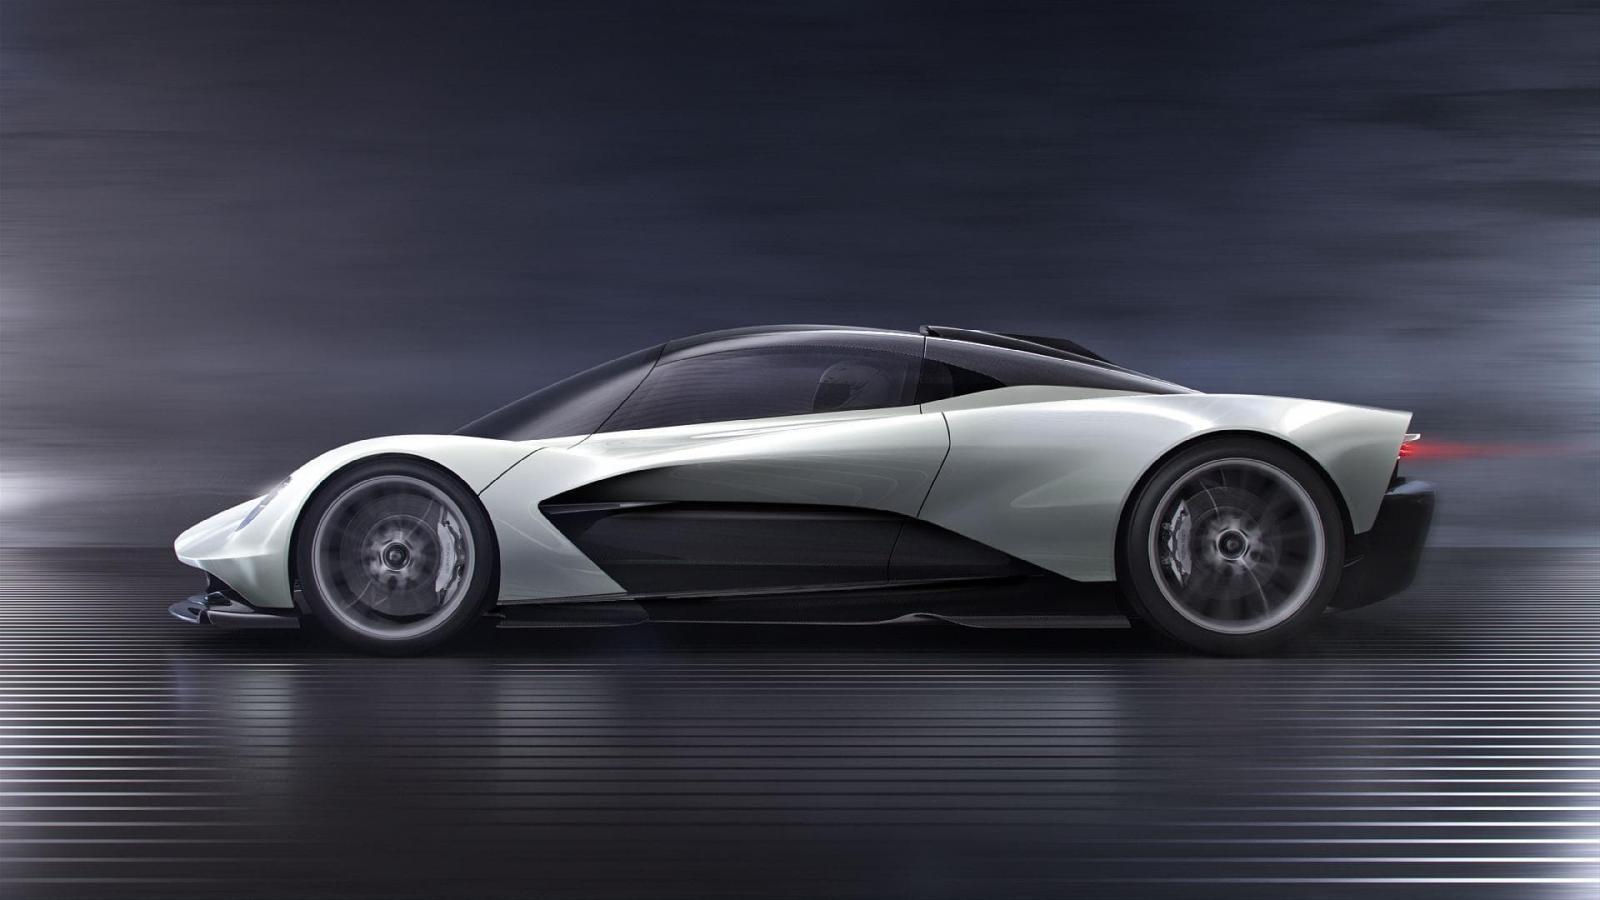 Confirmado, el hermano pequeño del Valkyrie se llamará Aston Martin Valhalla